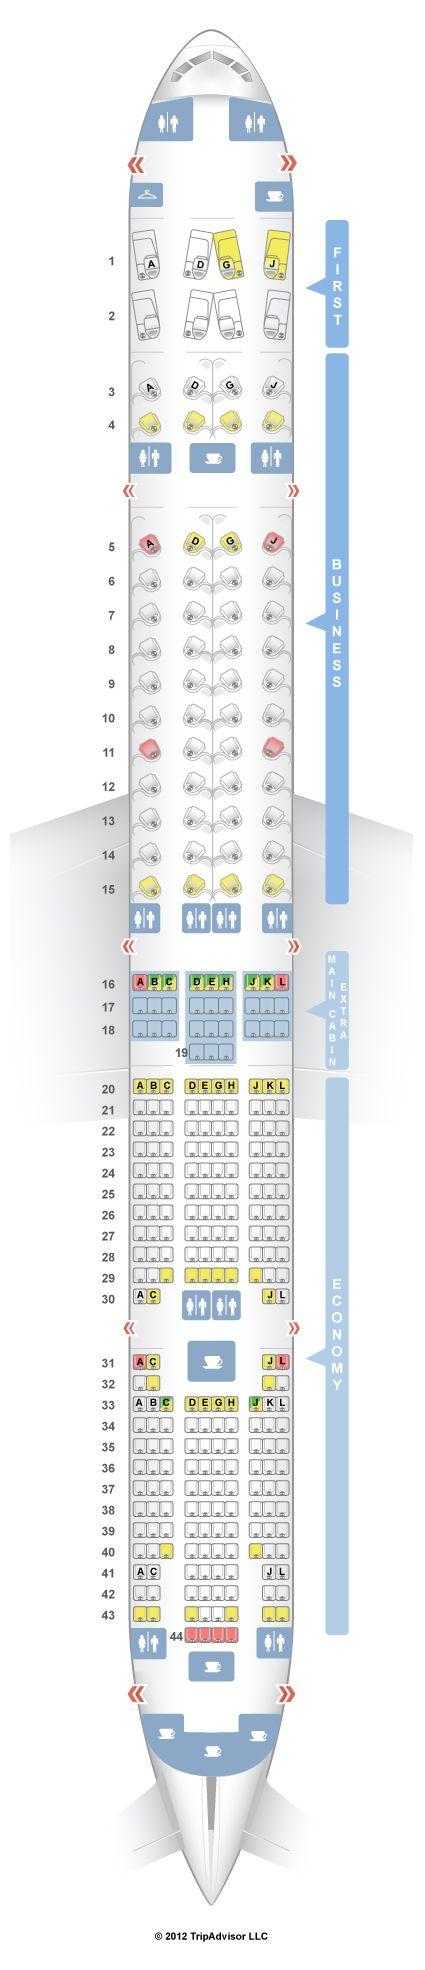 Mais De 1000 Ideias Sobre Boeing 777 300er Seating No